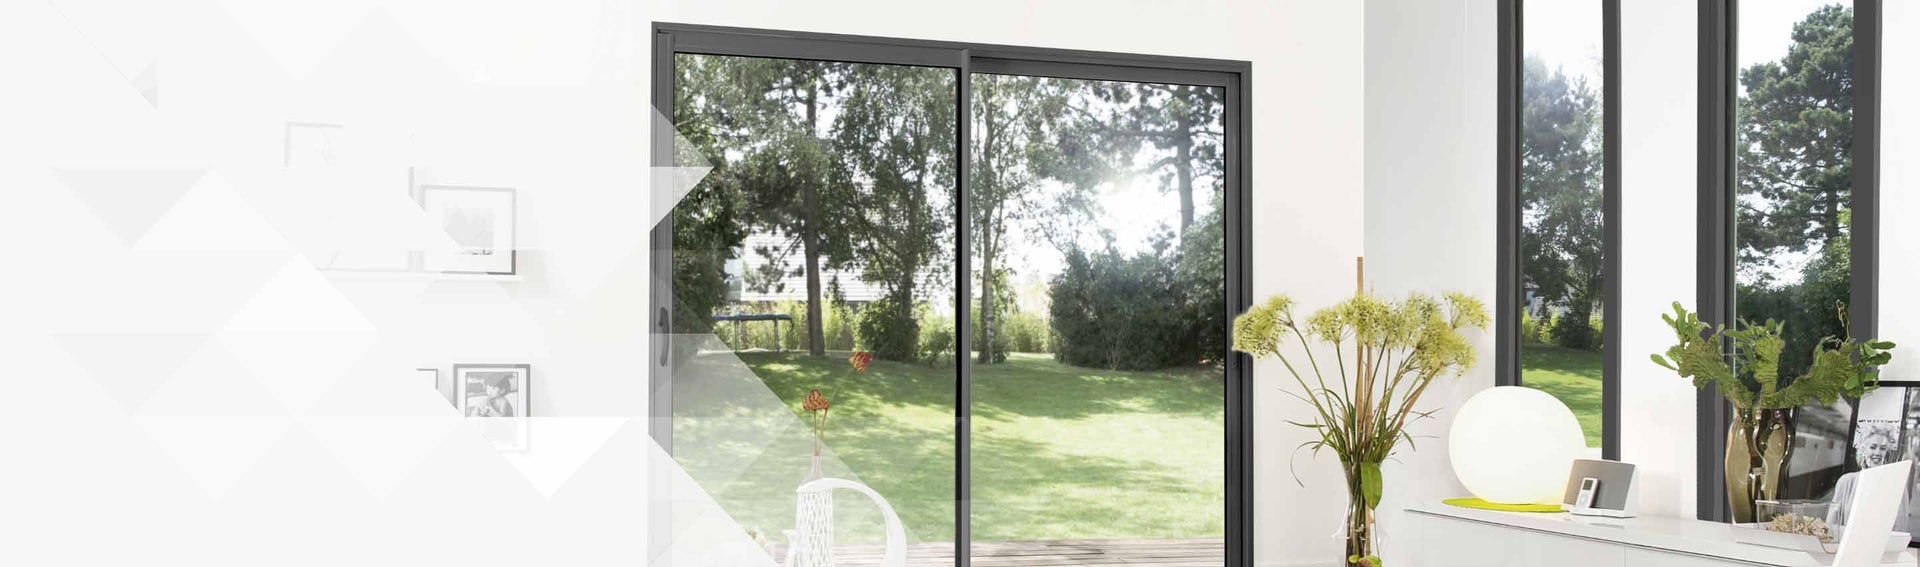 Fenêtre Porte Dentrée Porte De Garage Store Banne Menuiserie - Porte de garage sectionnelle avec porte fenetre pvc 215x120